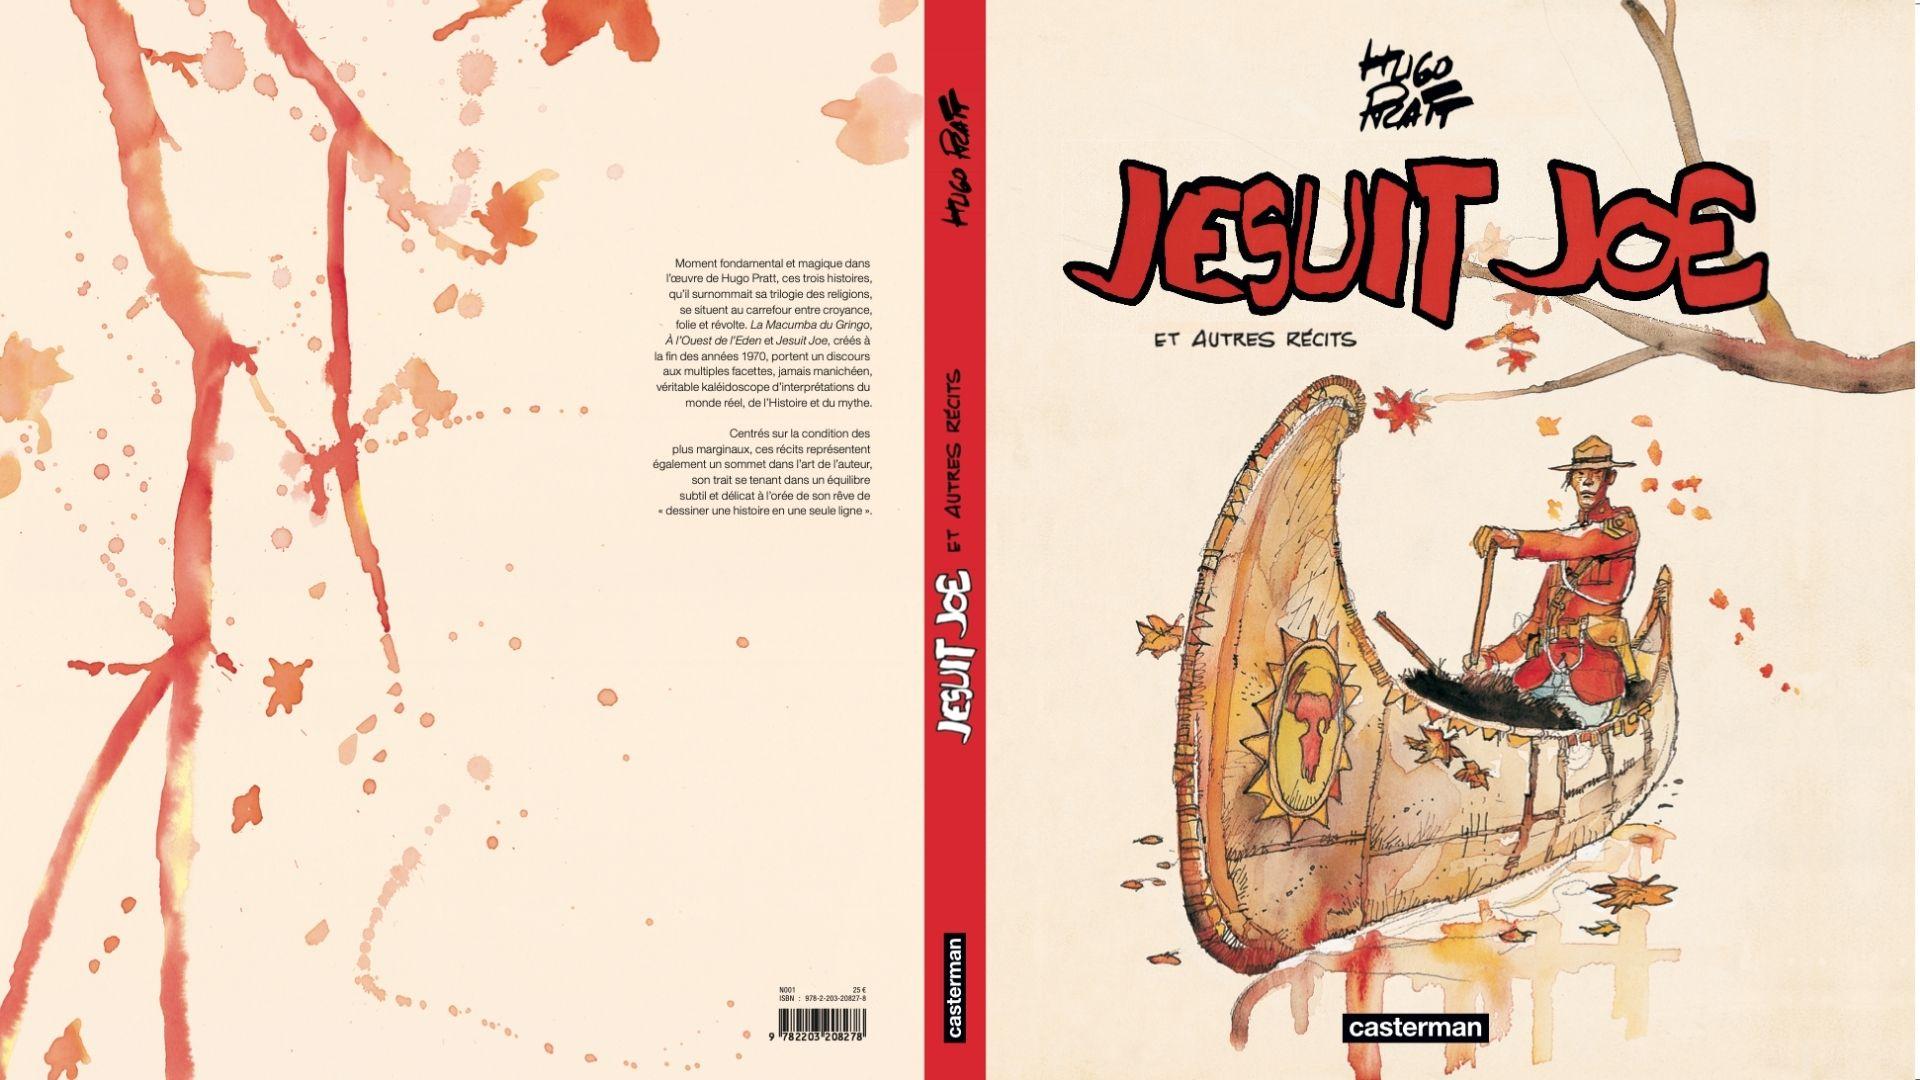 Jesut Joe et autres récits